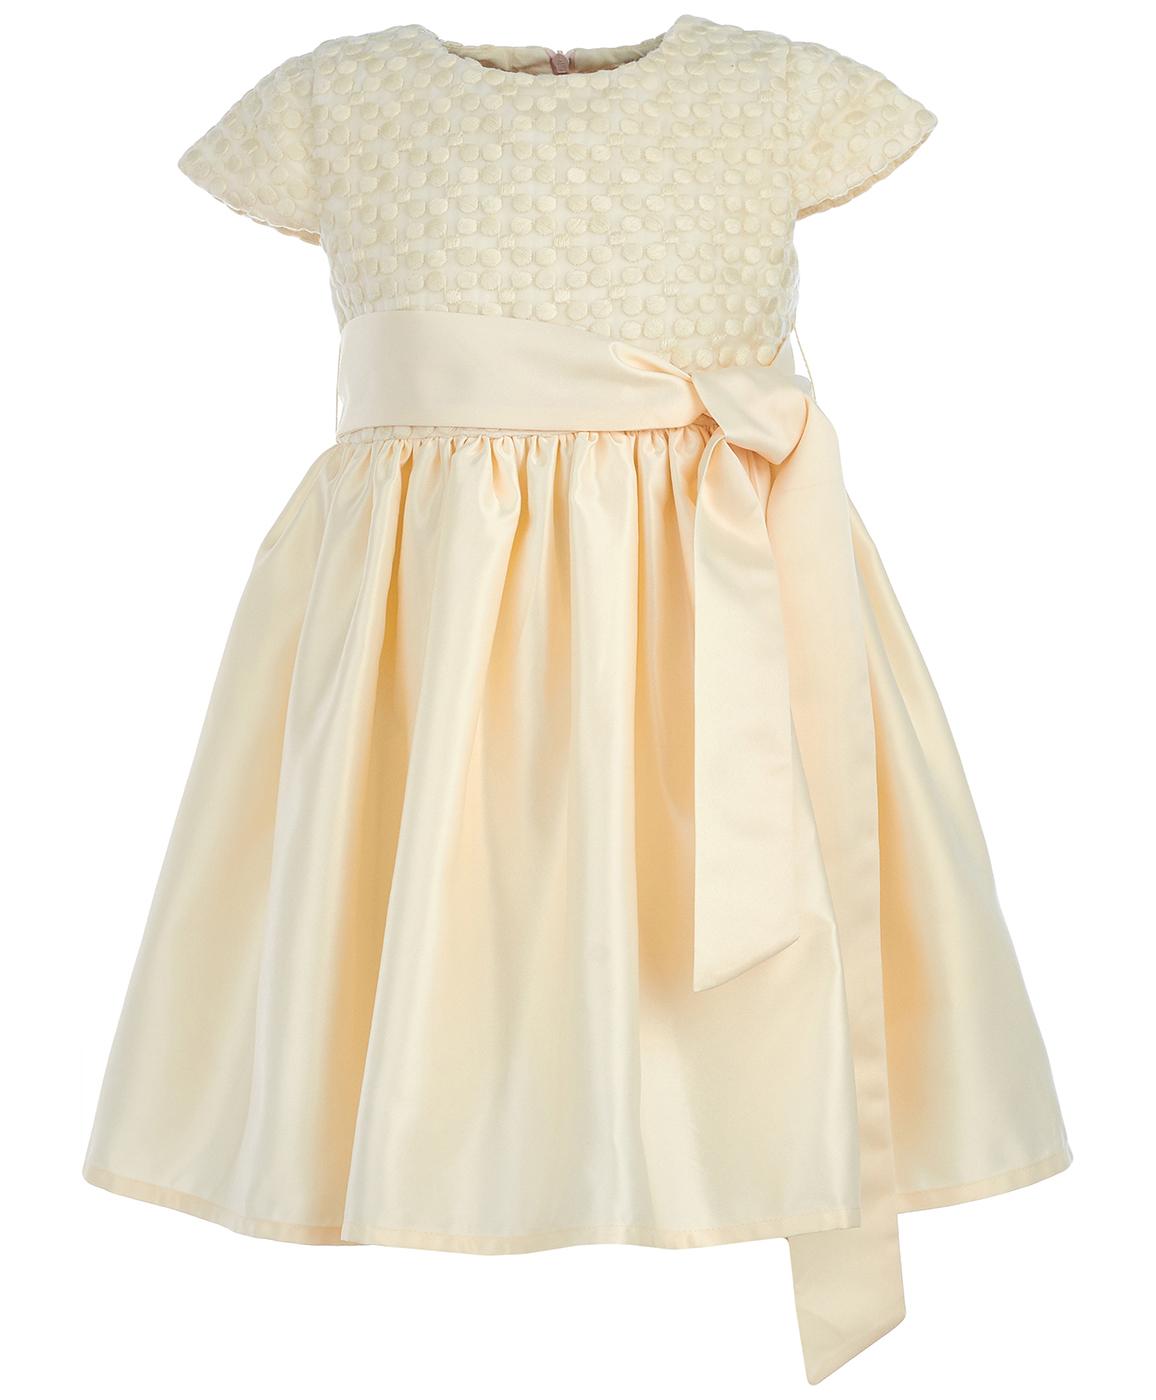 Платье для девочки Button Blue, цвет: белый. 218BBGP25051400. Размер 152218BBGP25051400Красивое праздничное платье для девочек поможет малышке стать звездой вечеринки. Нежное и легкое, оно создает романтичный образ, не в ущерб практичности. Модель от Button Blue отличается не только привлекательным дизайном, она удобна и комфортна, не стесняет движений и сделана из качественной ткани. Купить нарядное платье для девочки недорого можно в нашем интернет-магазине Button-blue.com.